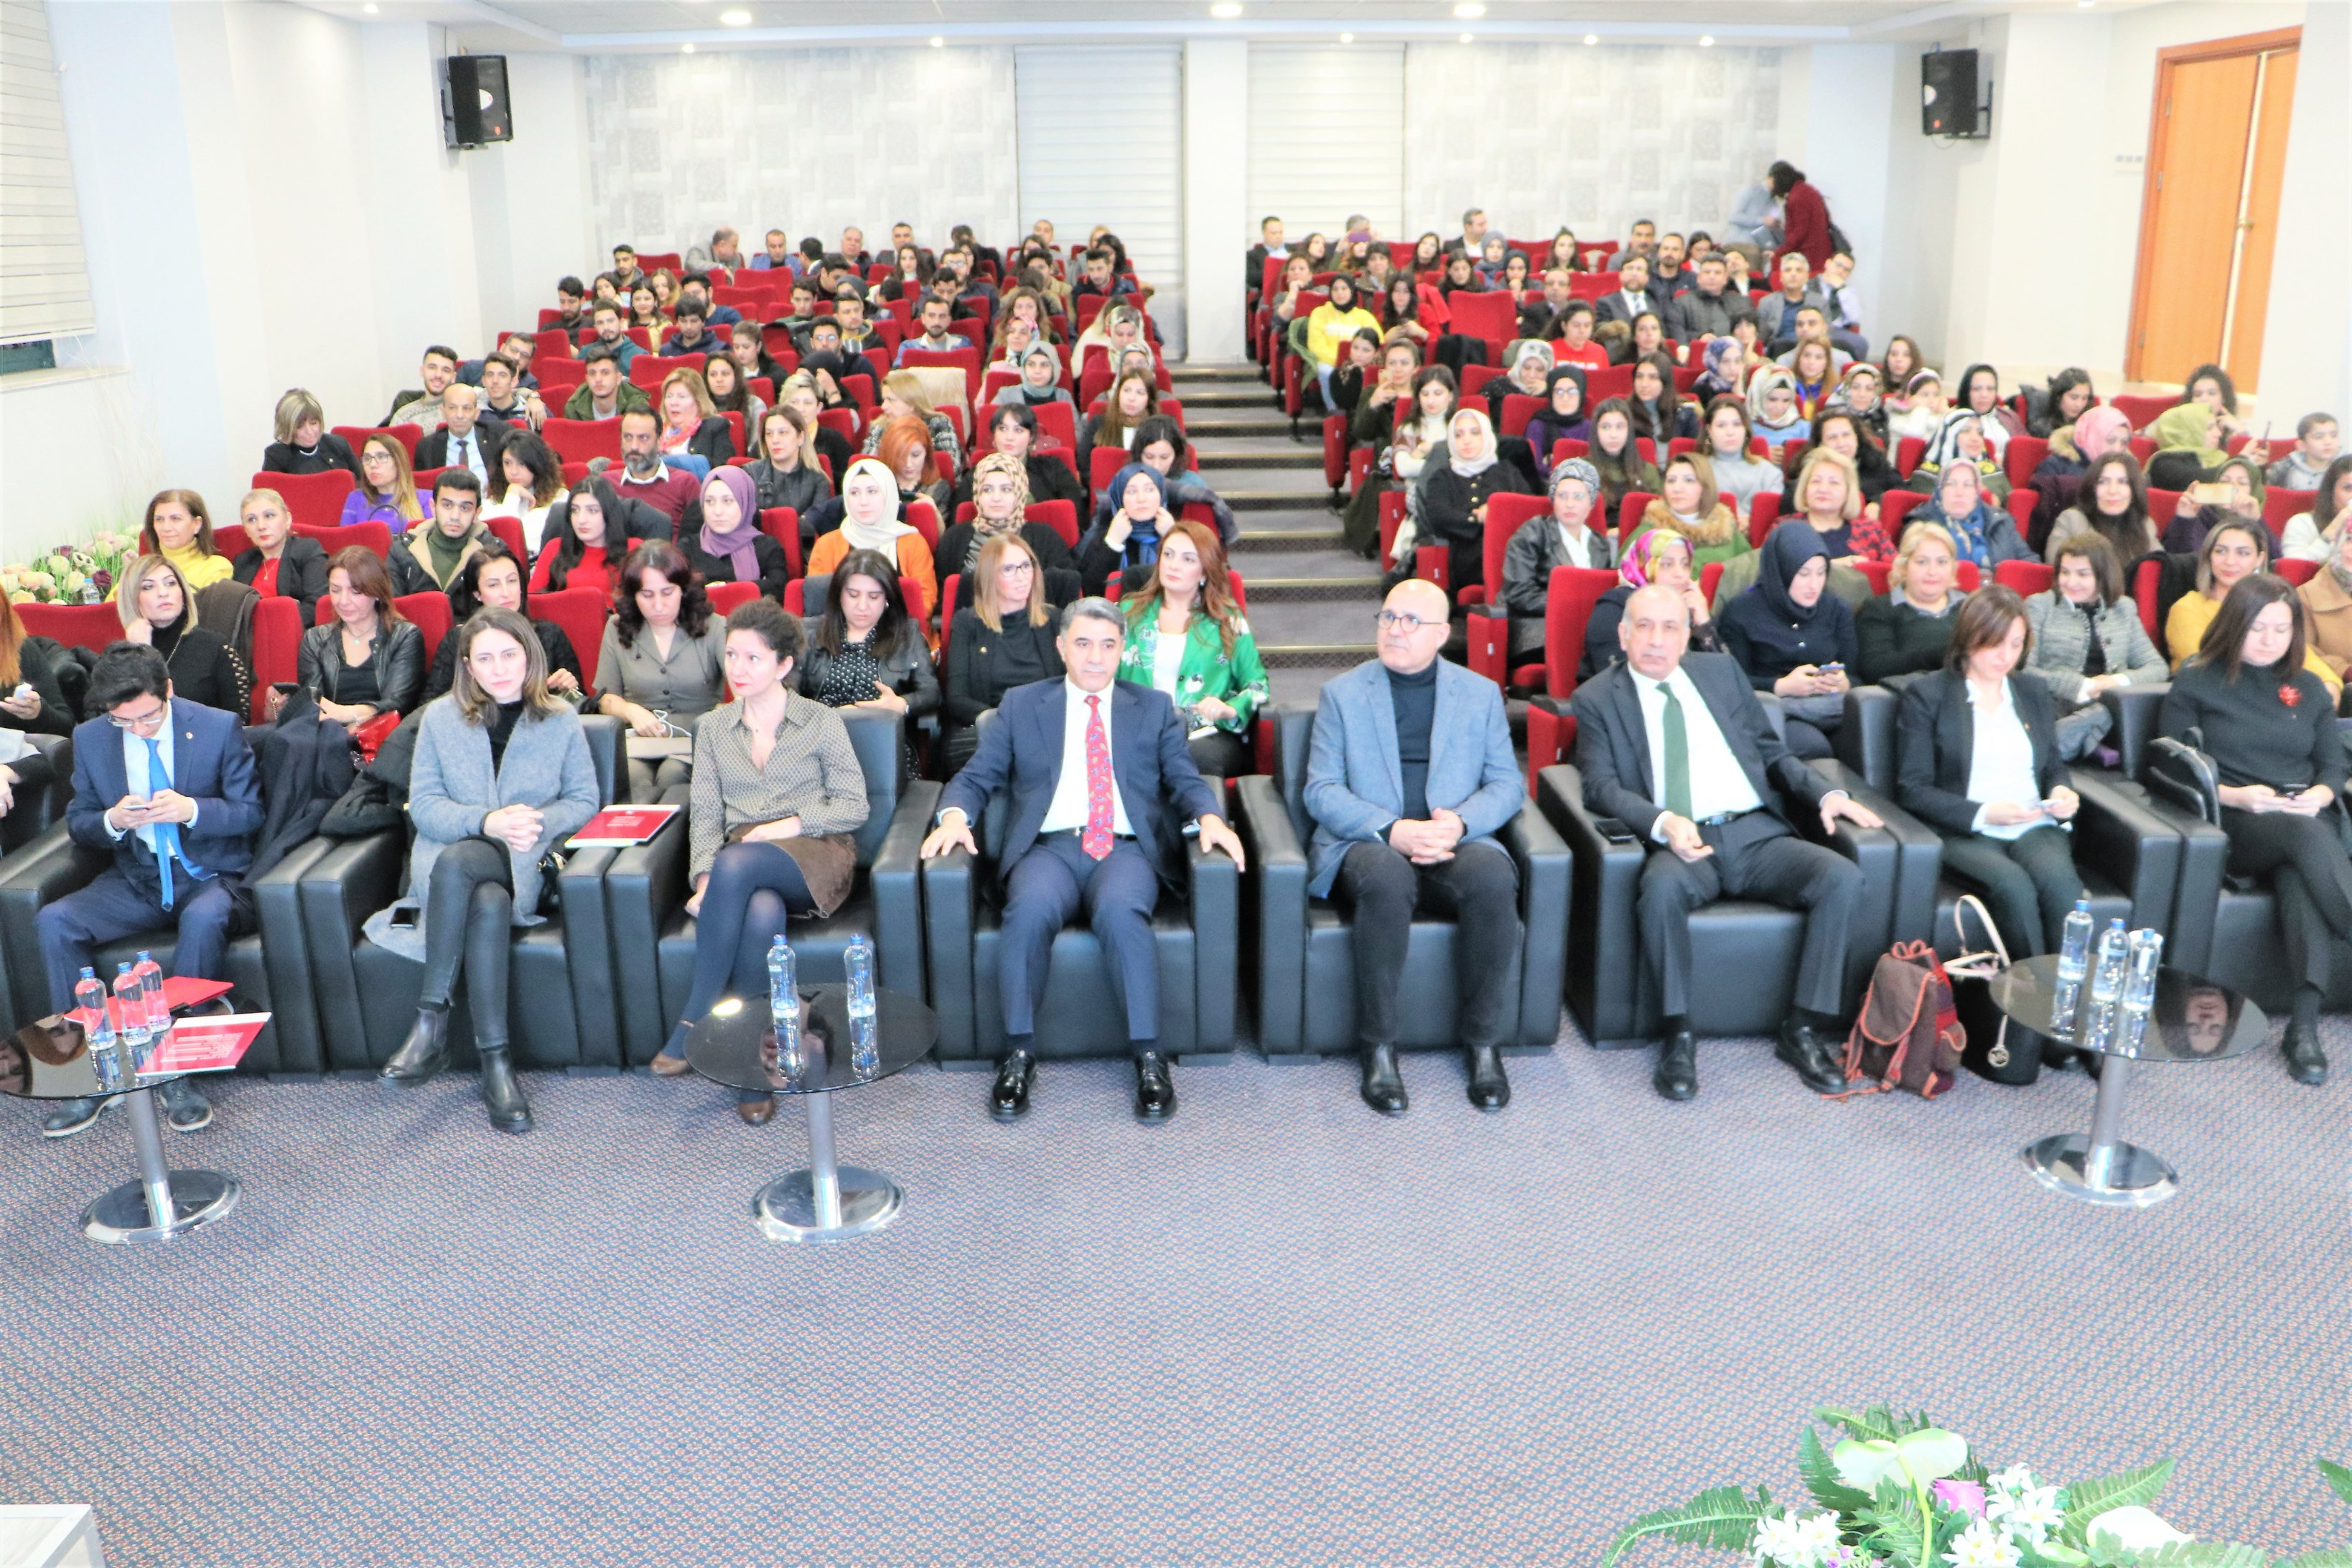 Diyarbakır'da Kız Kardeşim Projesinin 'ilham buluşması' gerçekleşti